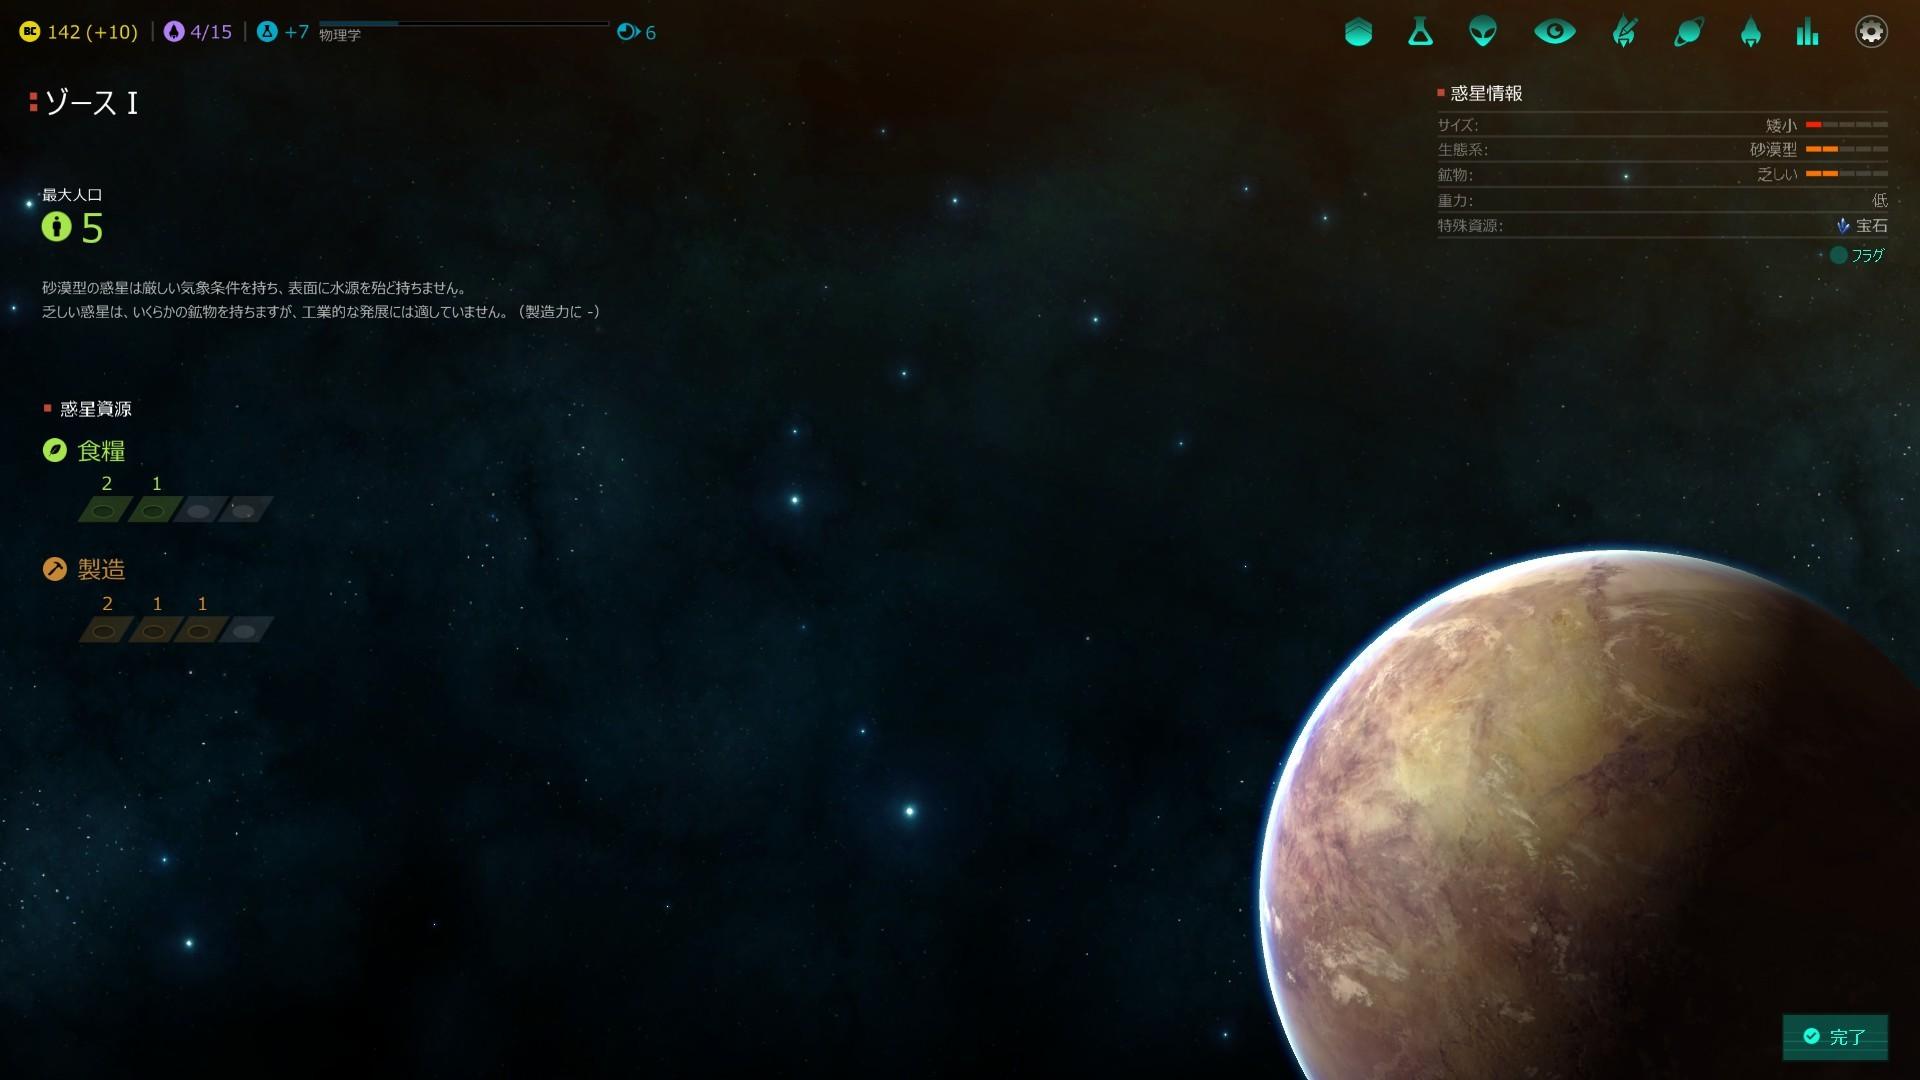 MoO矮小惑星